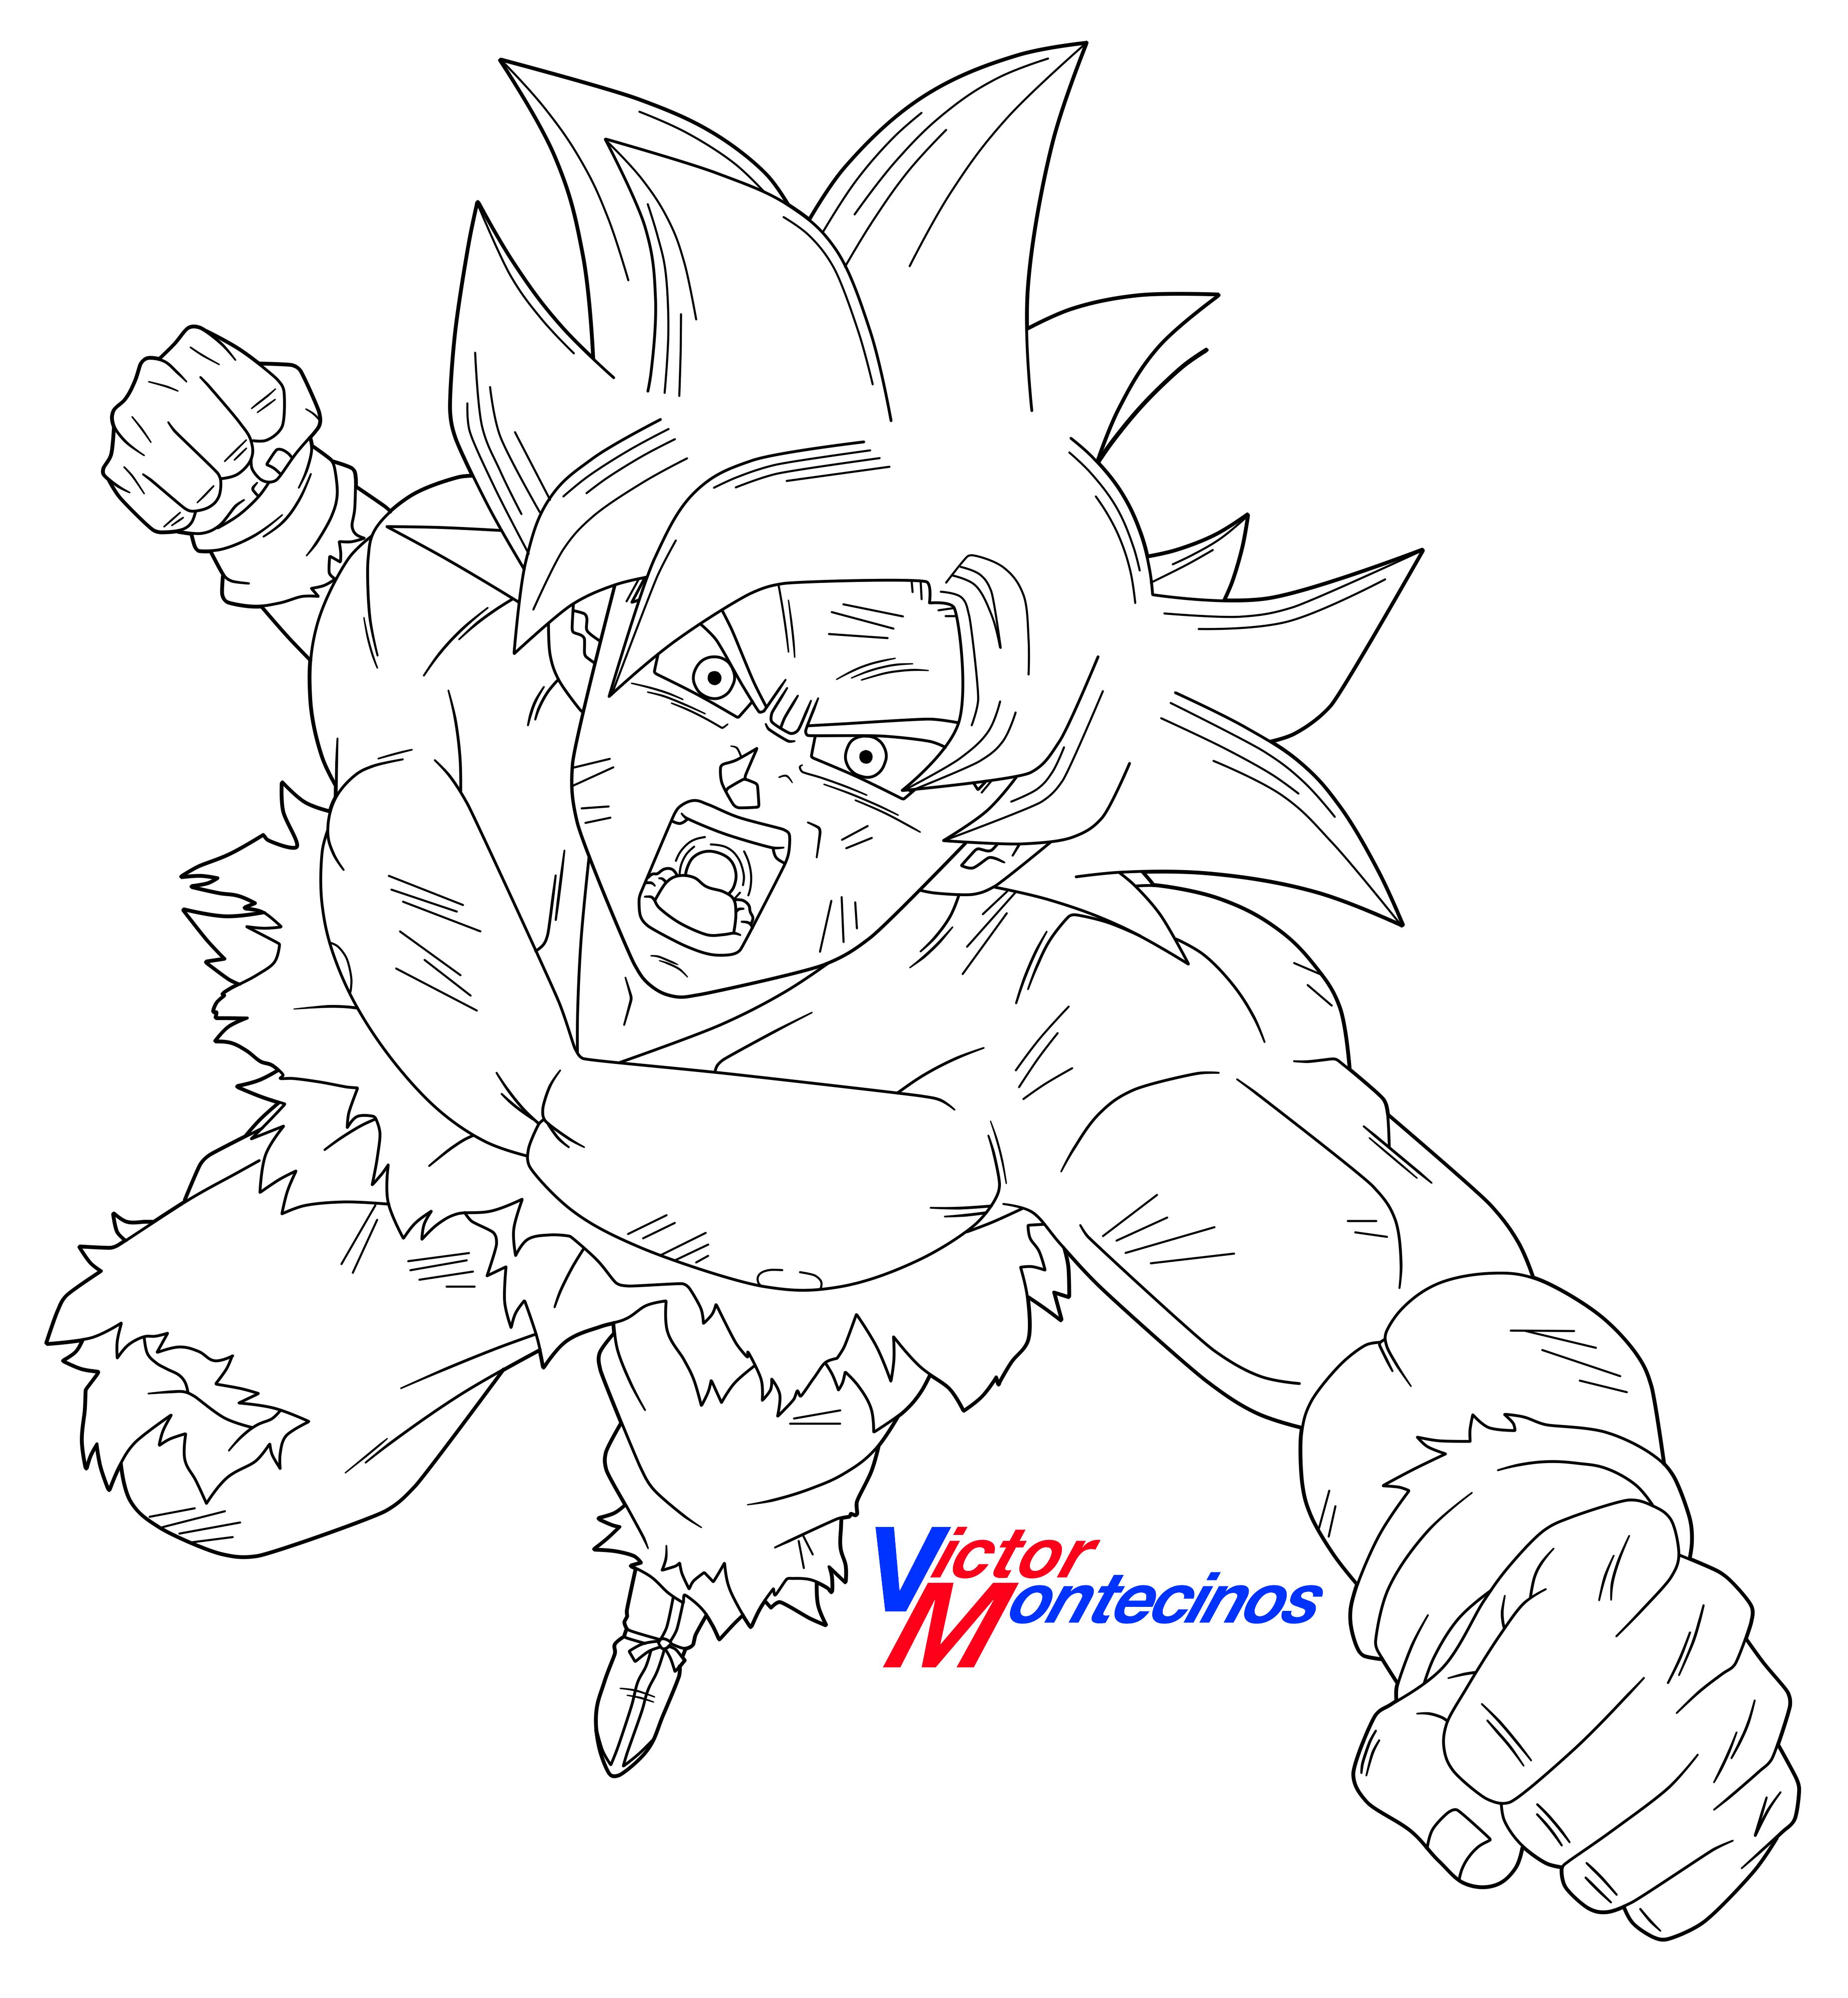 Ultra Instinct Goku Lineart By Victormontecinos On Deviantart